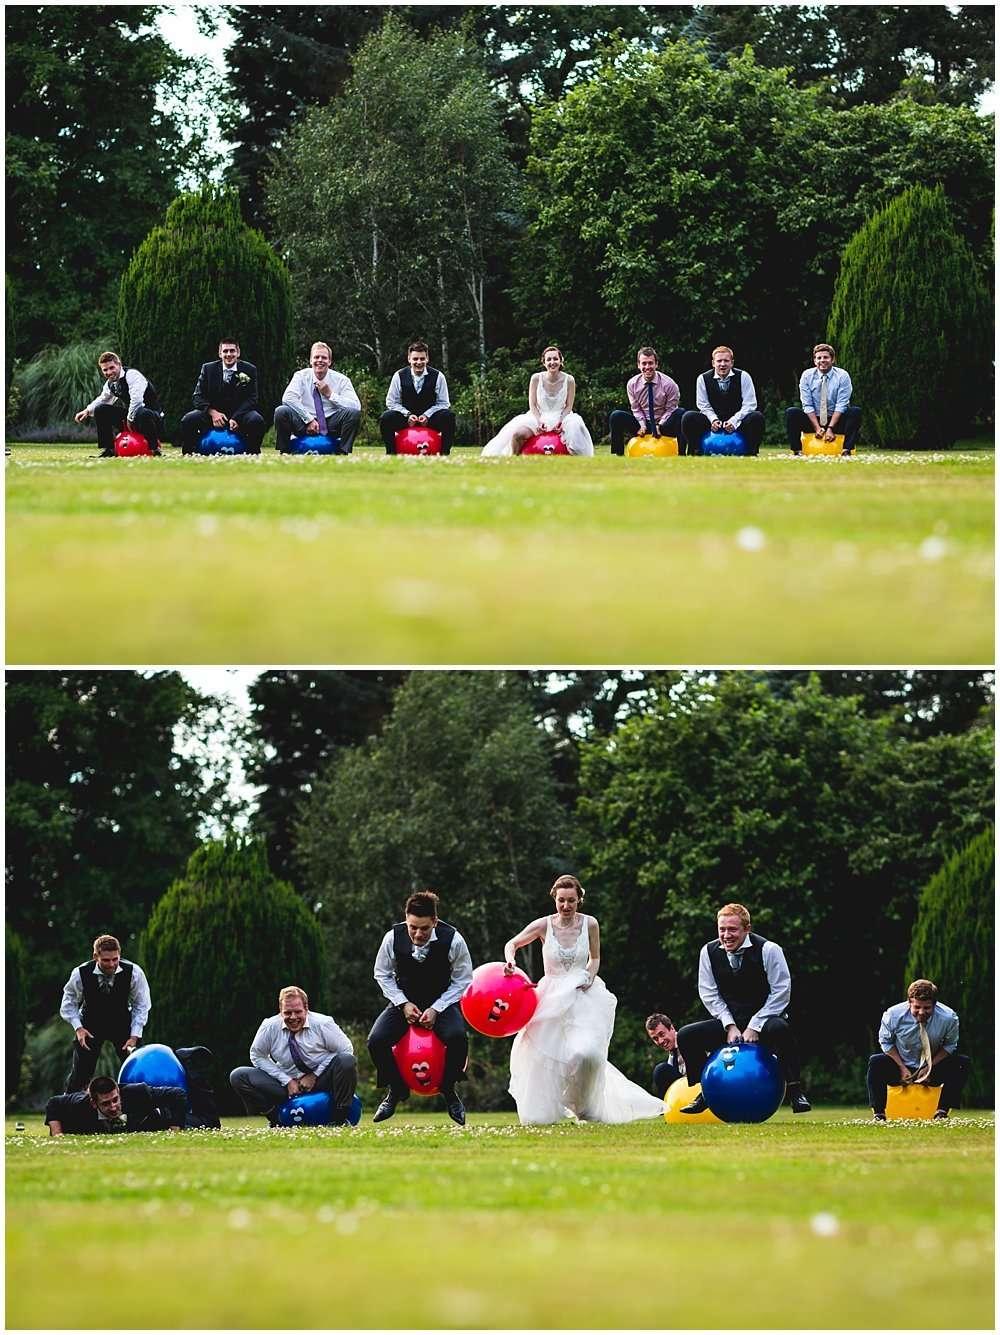 KATIE AND LUKE KIMBERLEY HALL WEDDING - NORWICH AND NORFOLK WEDDING PHOTOGRAPHER